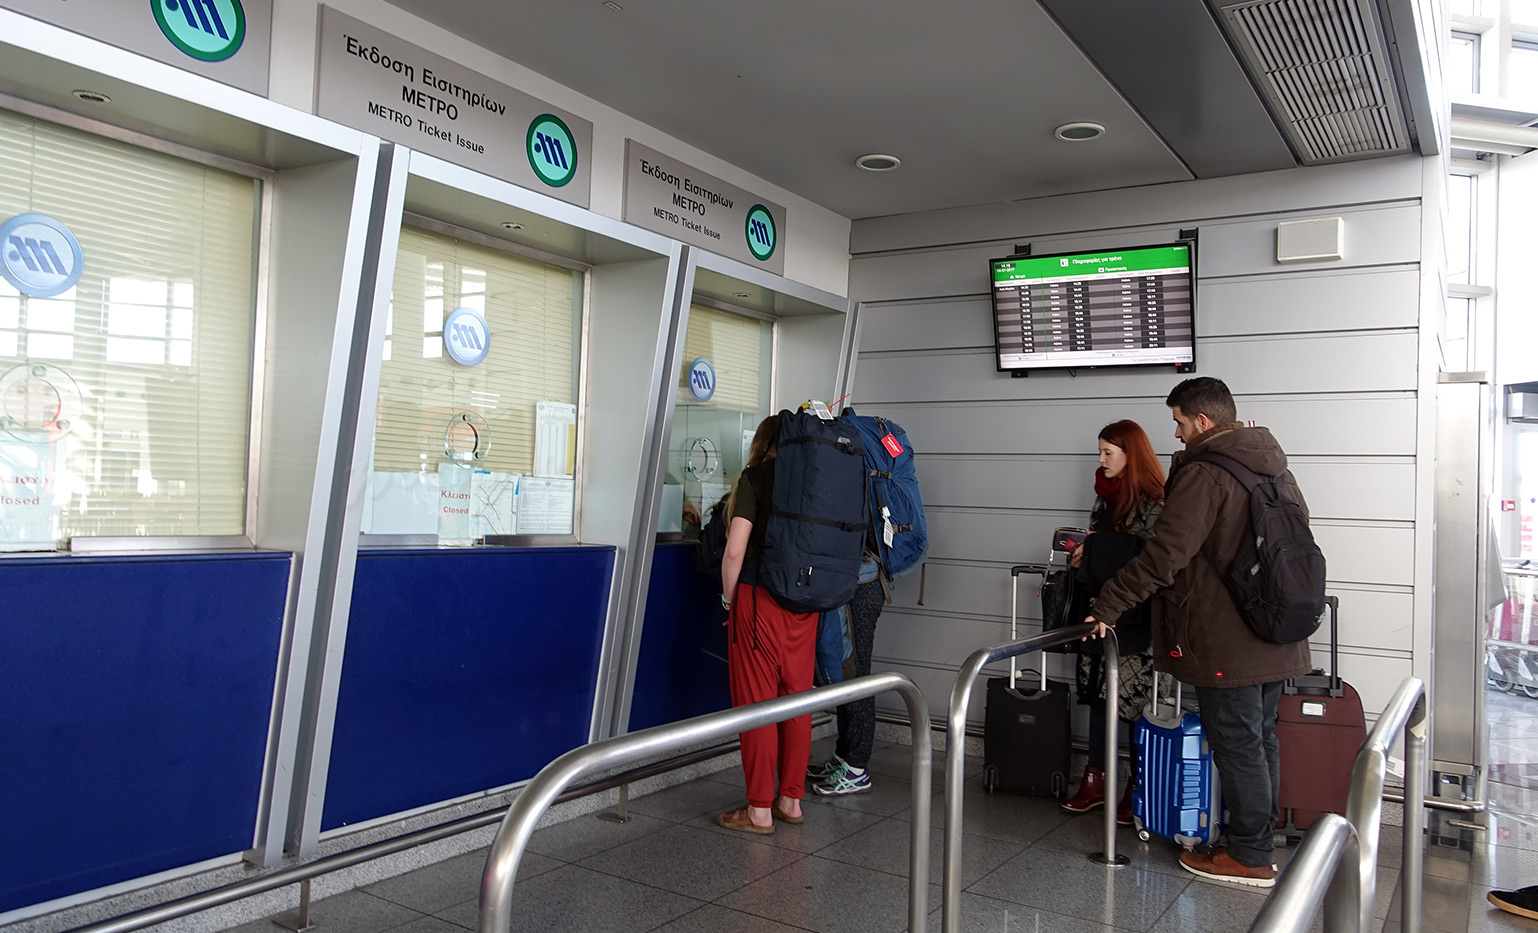 Покупка билета на метро в кассе